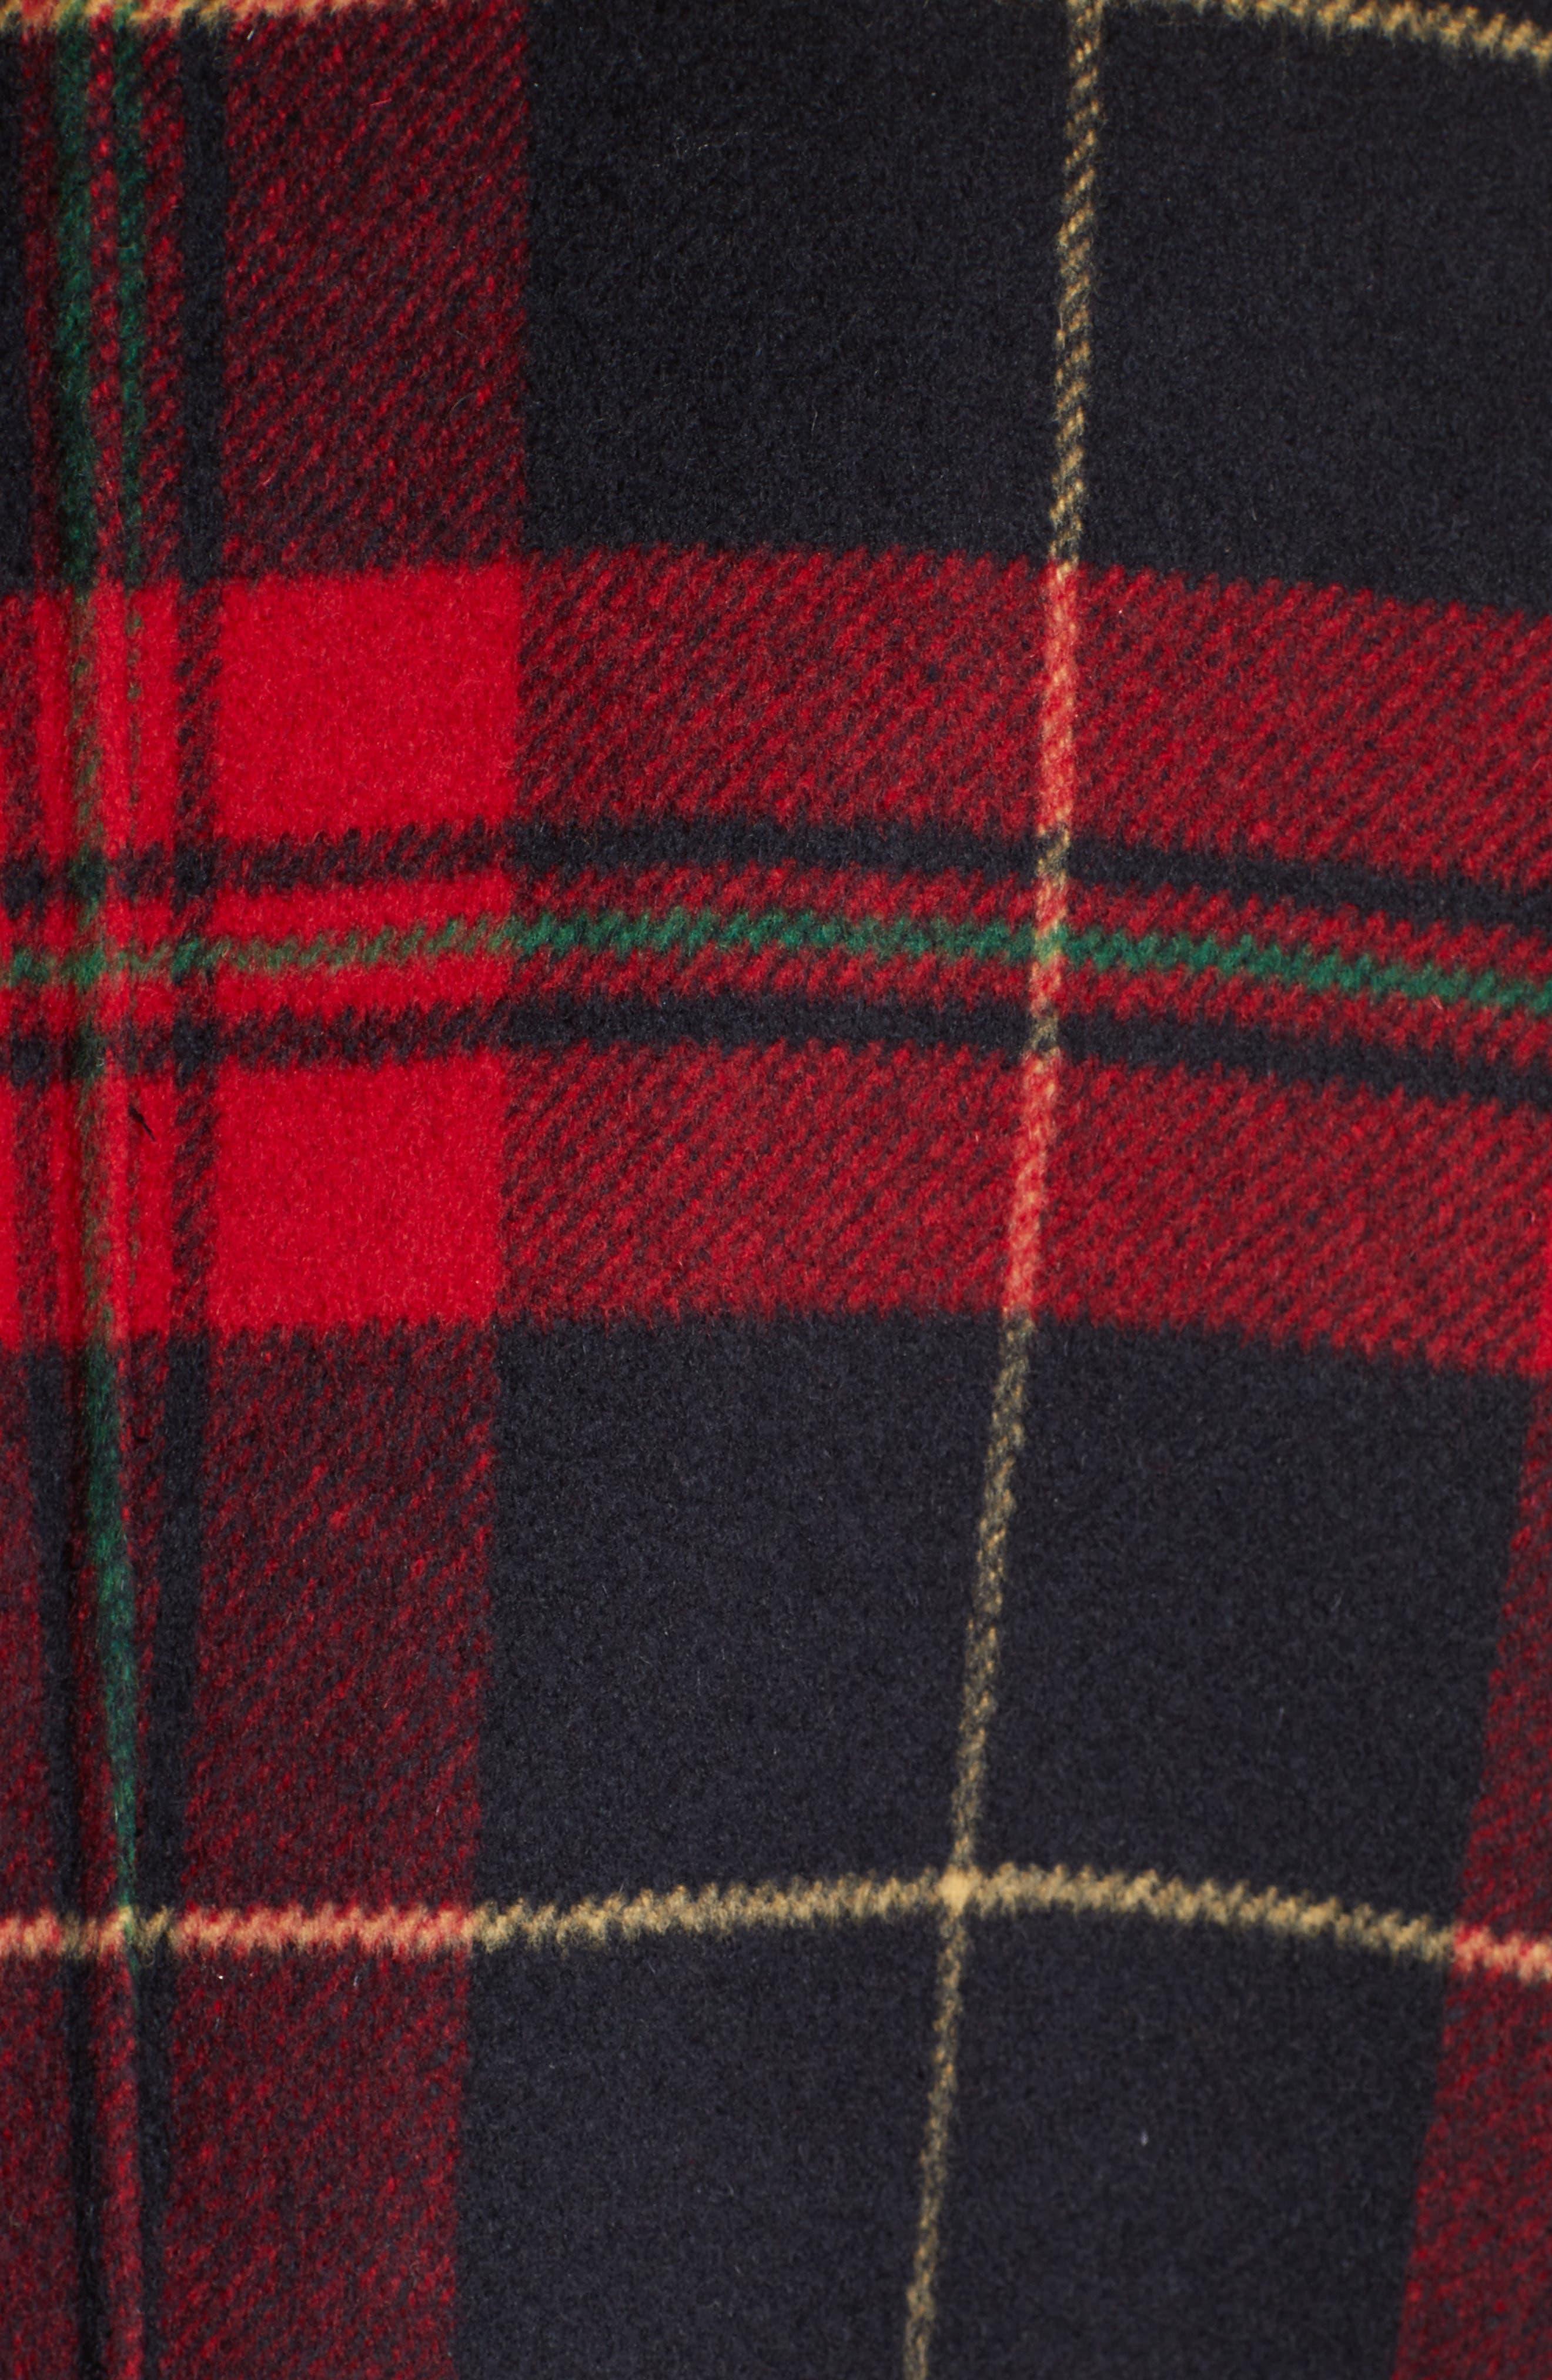 Plaid Double Face Jacket,                             Alternate thumbnail 5, color,                             001